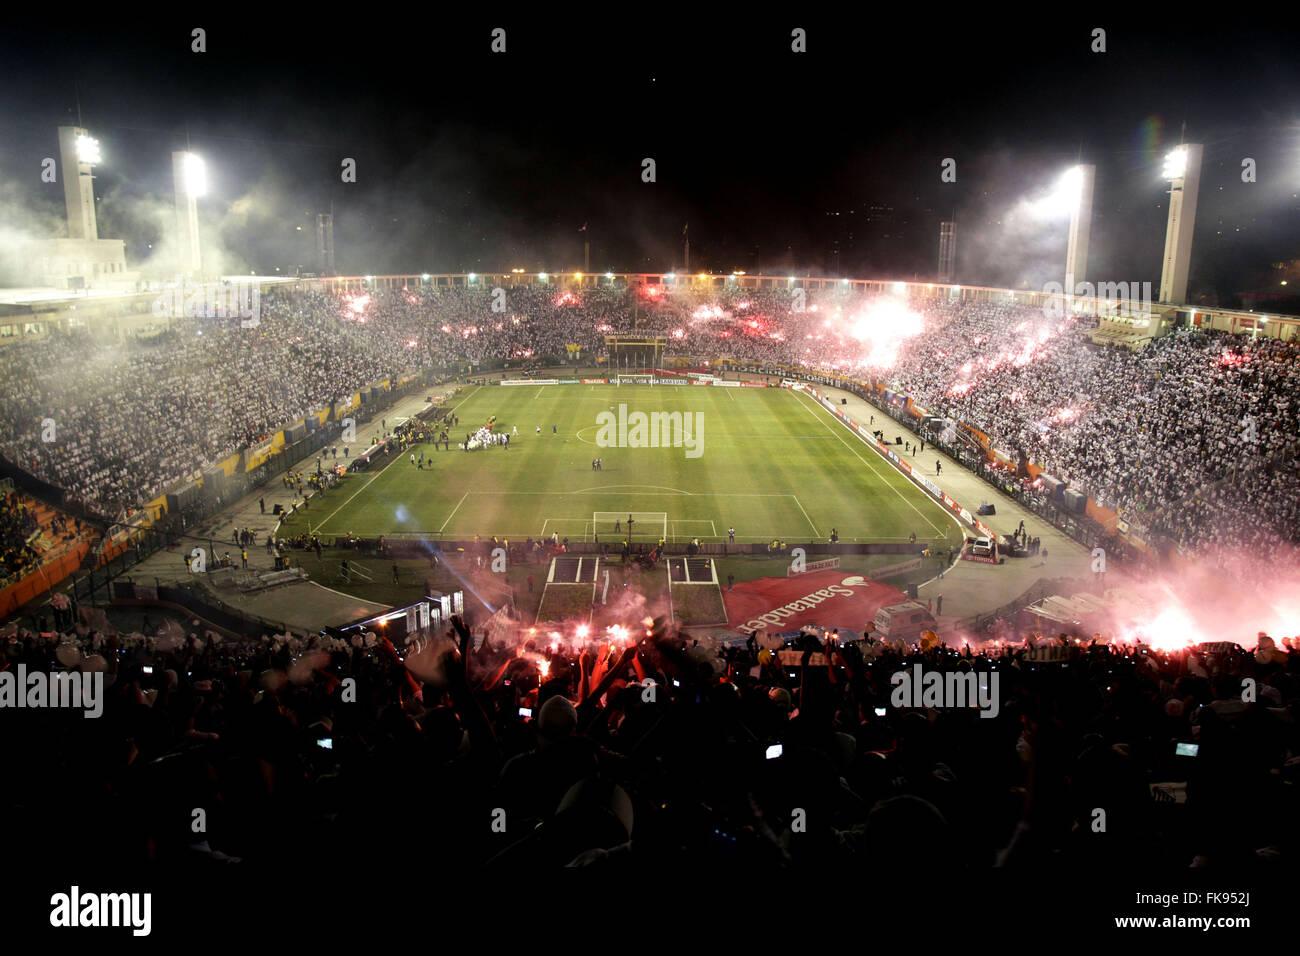 Estadio do Pacaembu before the final match of the Copa Libertadores de America 2011 - Stock Image